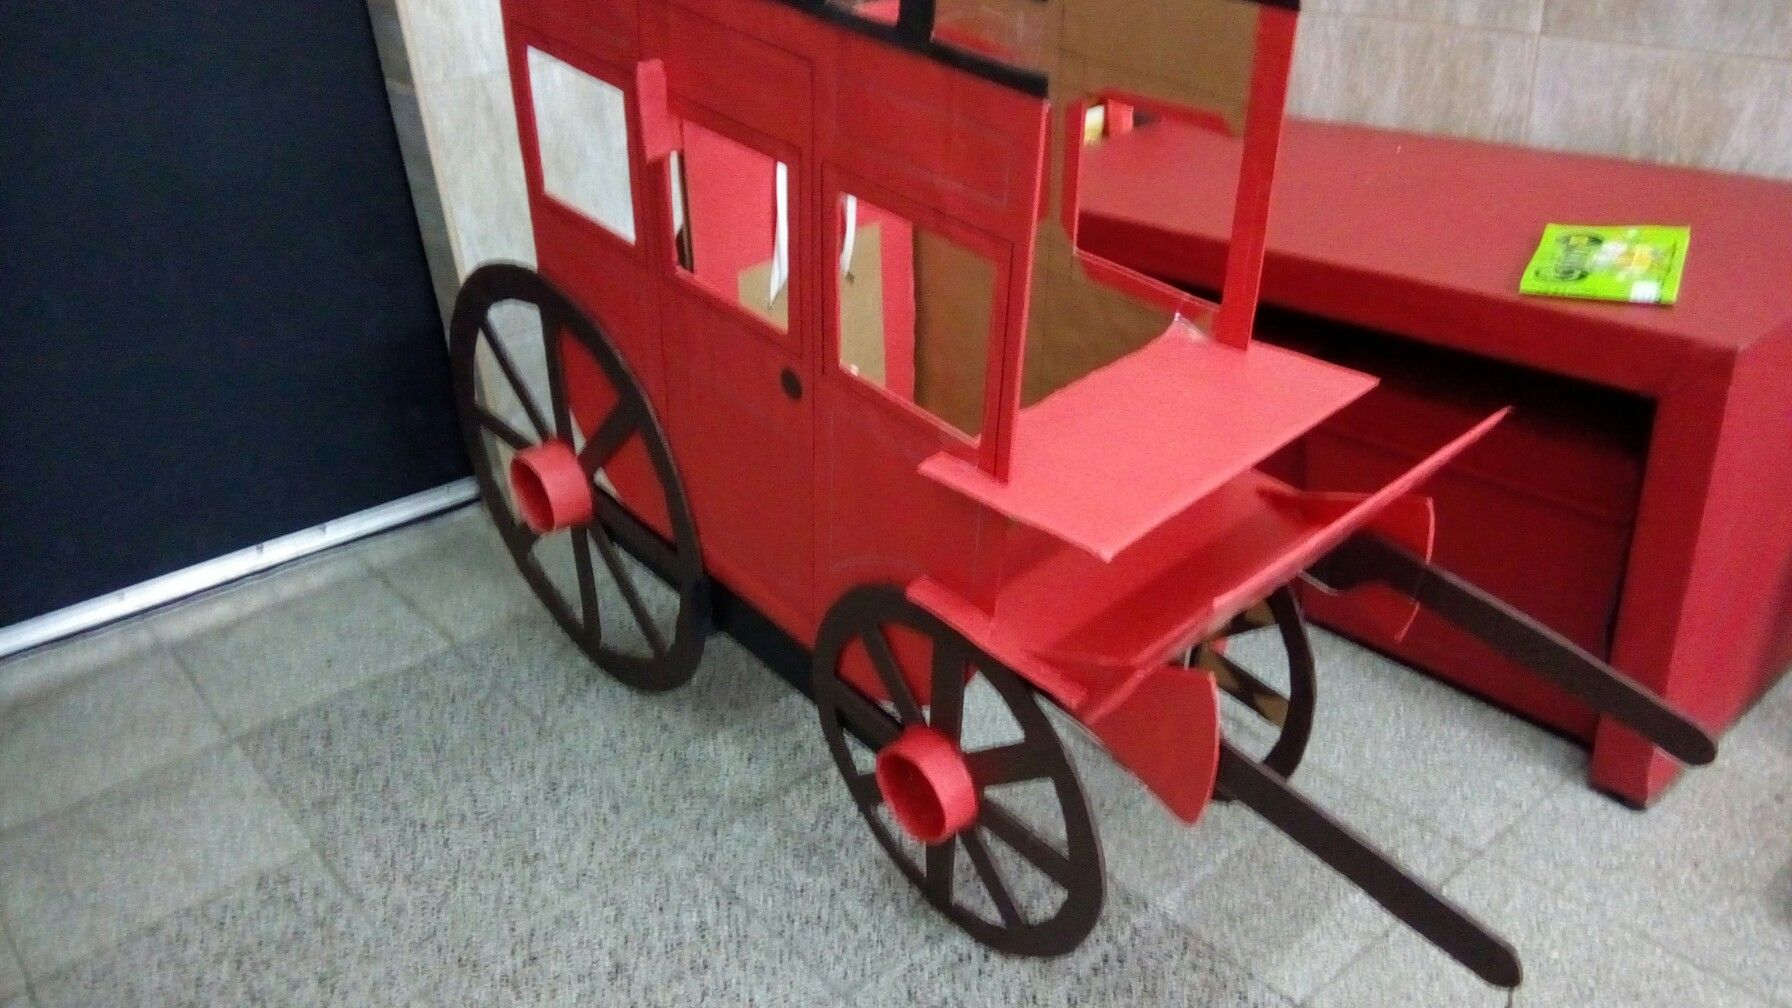 Diligencia De Carton Modelo Para Ninos De 6 Anos Carton Ninos Carretilla